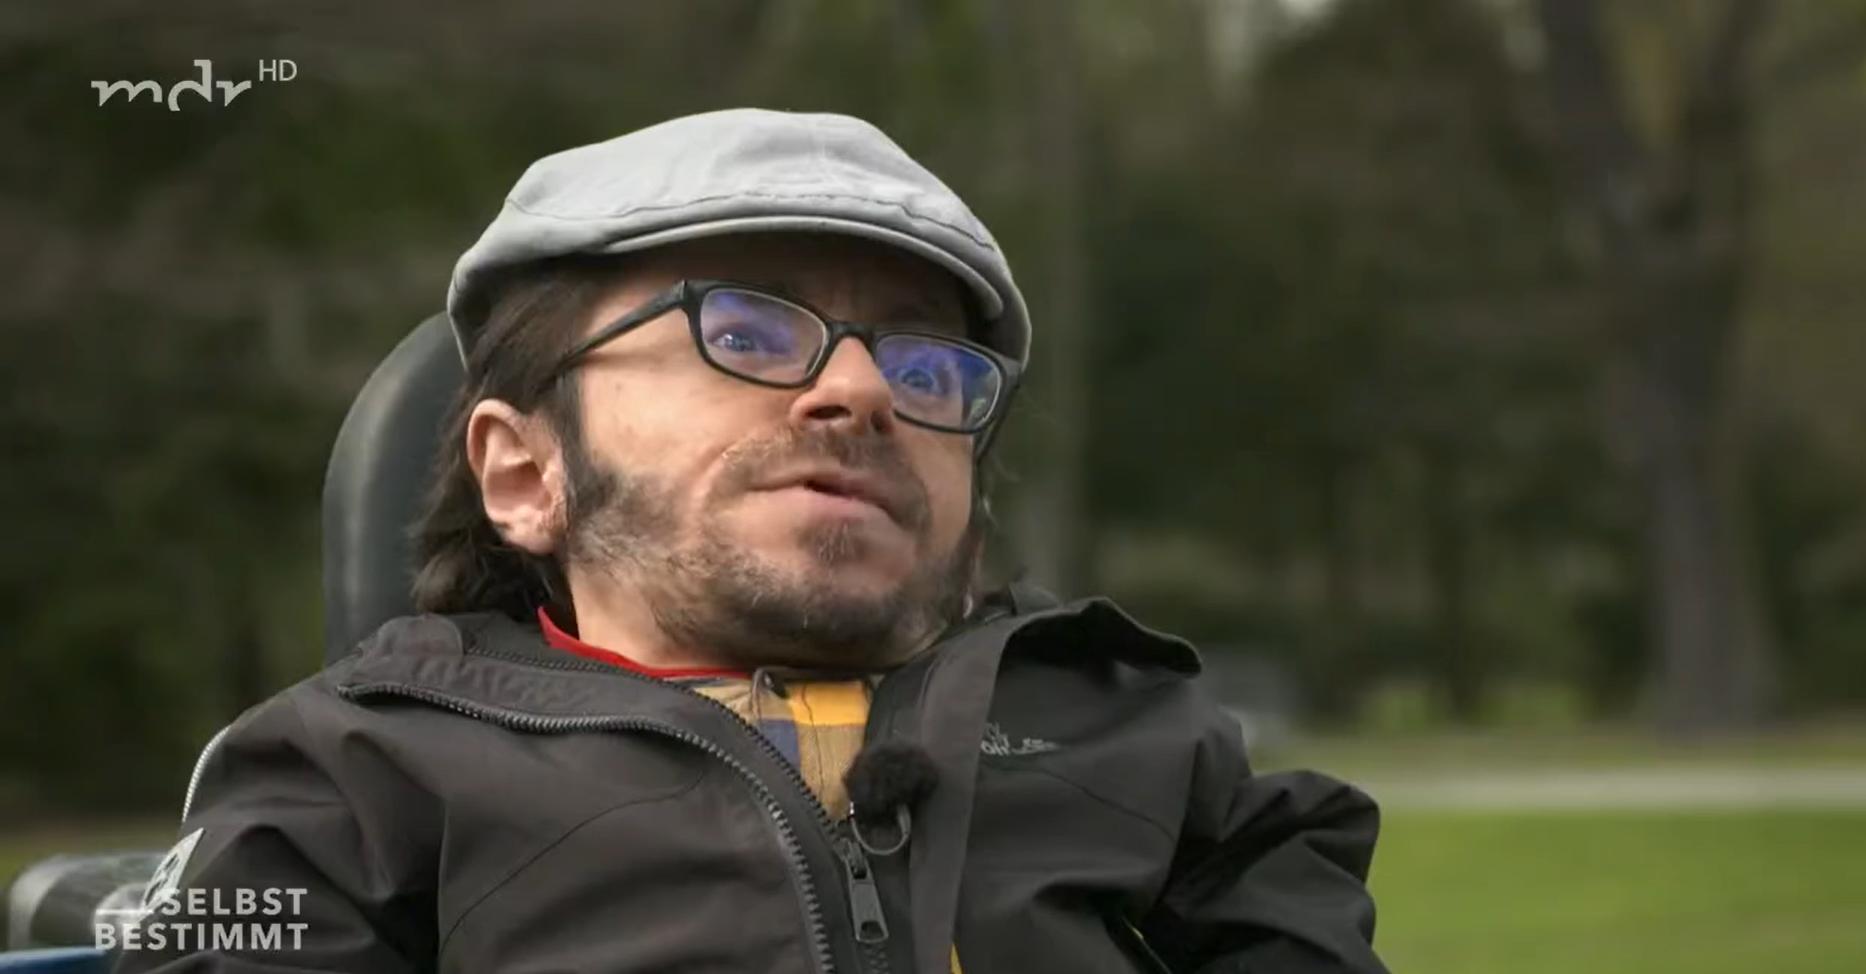 Screenshot aus der Sendung mdr Selbstbestimmt. Raul steht mit seinem Rollstuhl draussen, trägt eine graue Mütze, eine Brille und ein gelb-grau Karriertes Hemd.